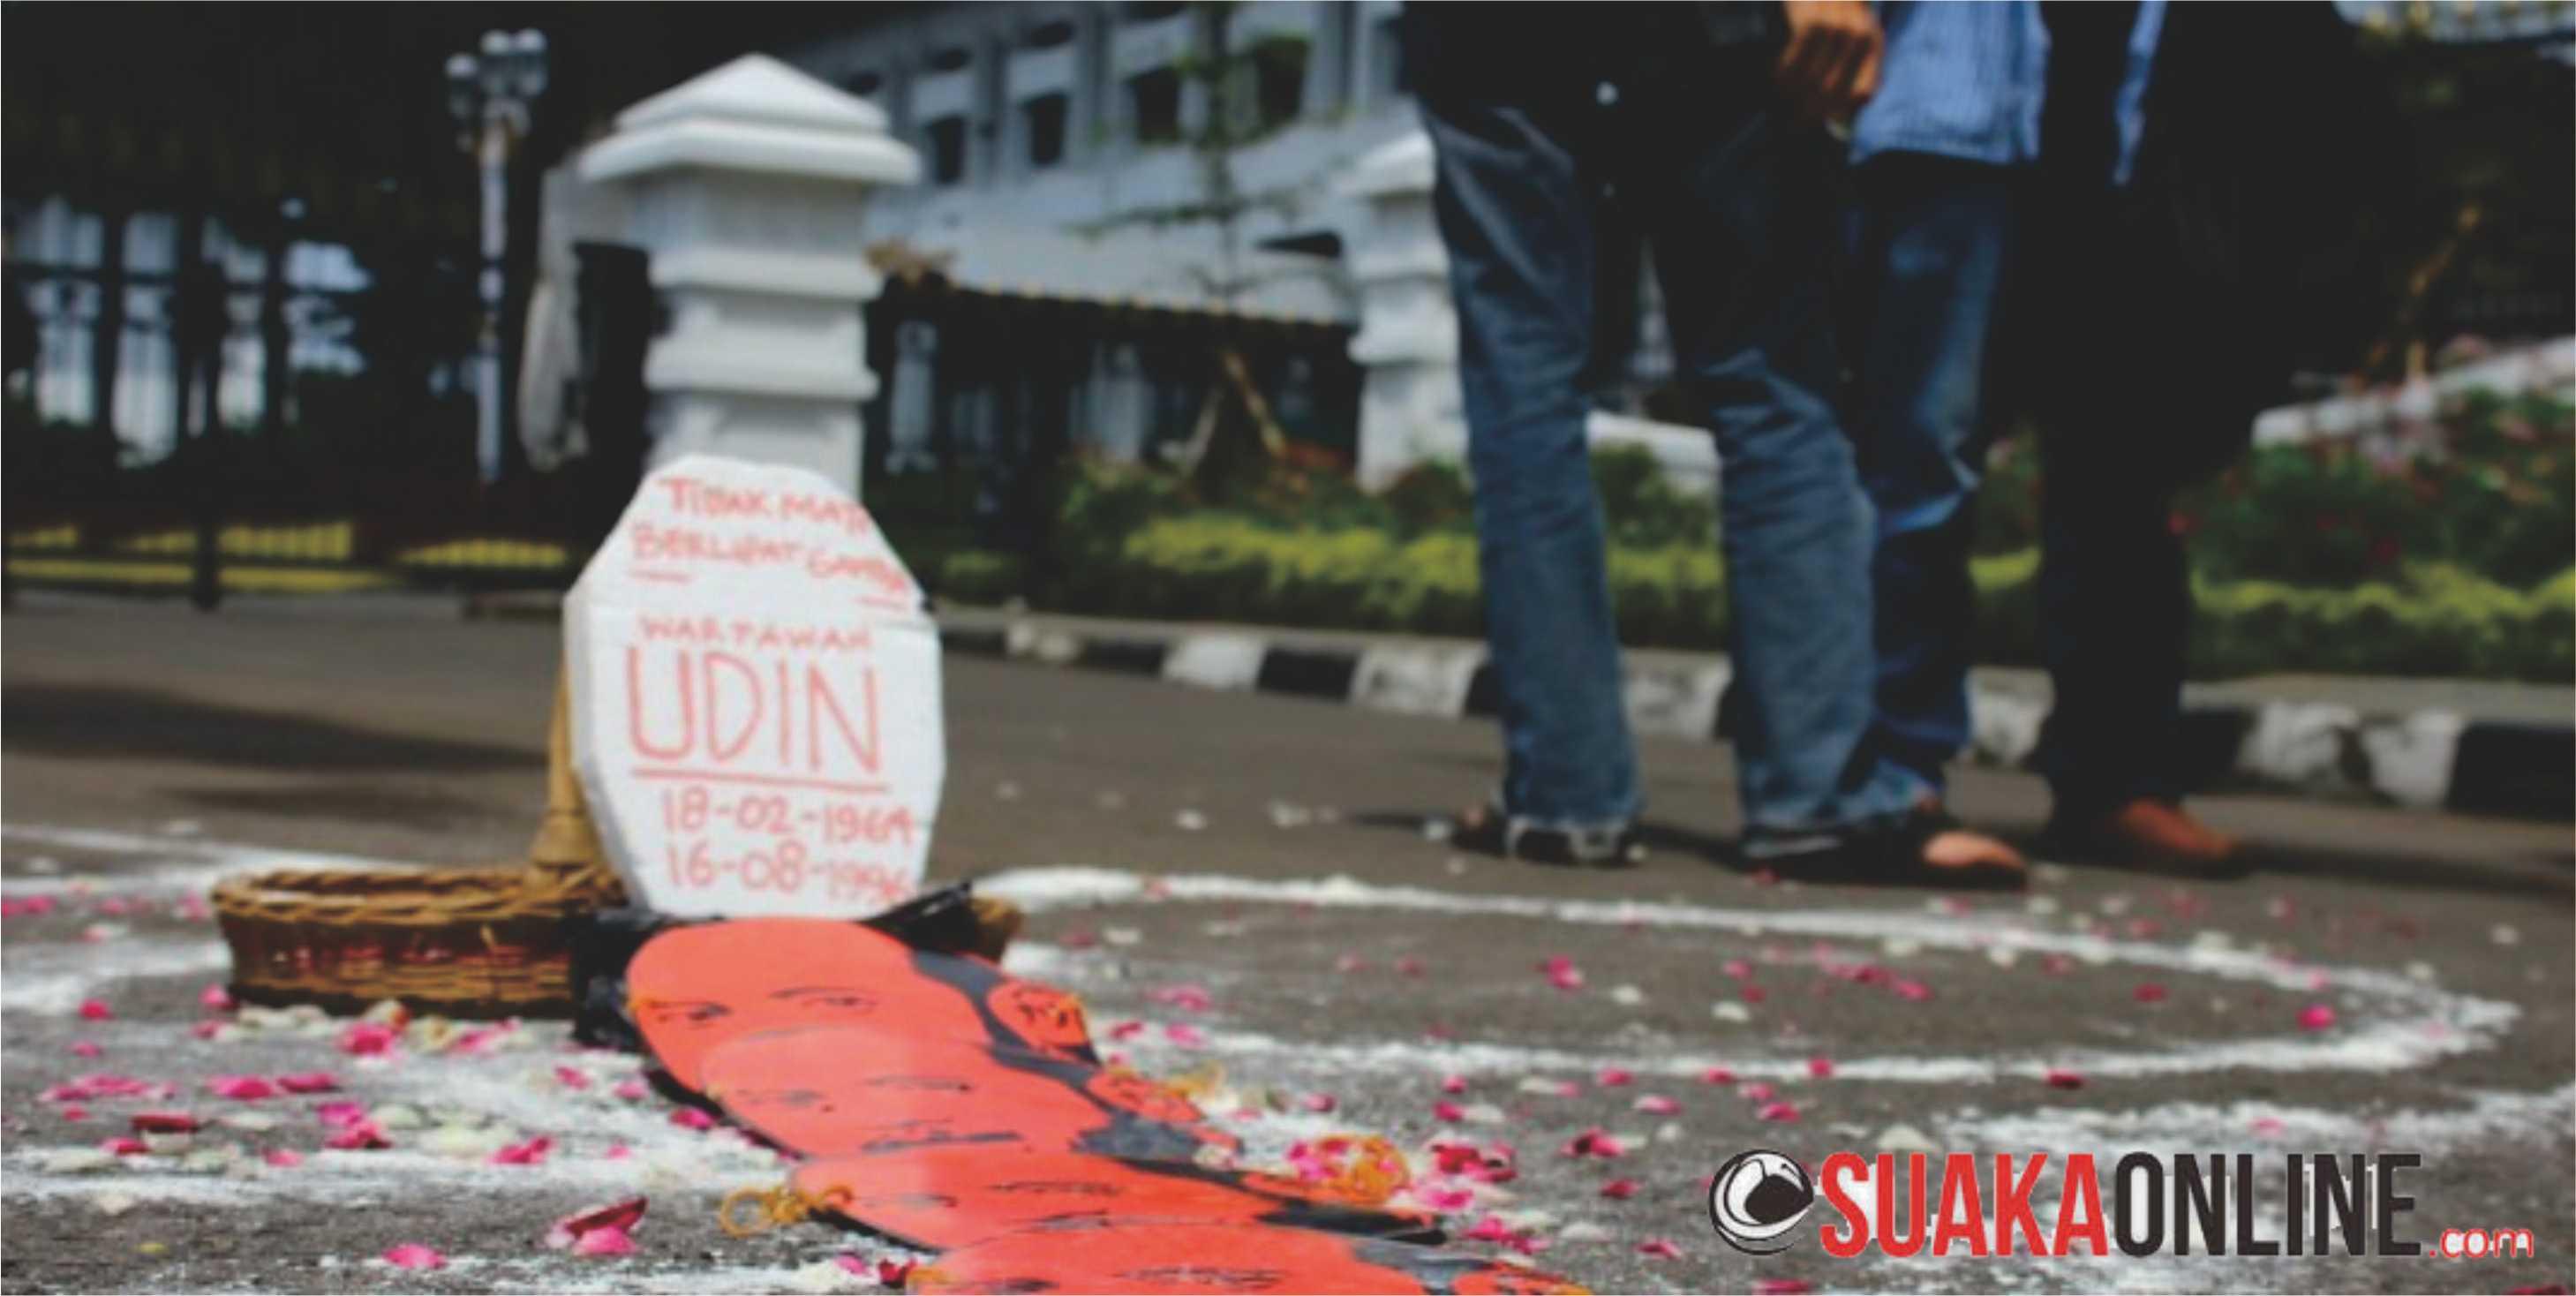 Padung makam Udin jurnalis yang dibunuh sebagai simbol matinya penegakan hukum dalam peringatan Hari Kebebasan Pers Sedunia di depan Gedung Sate, Bandung, Sabtu (3/5). Foto: Robby Darmawan/Magang